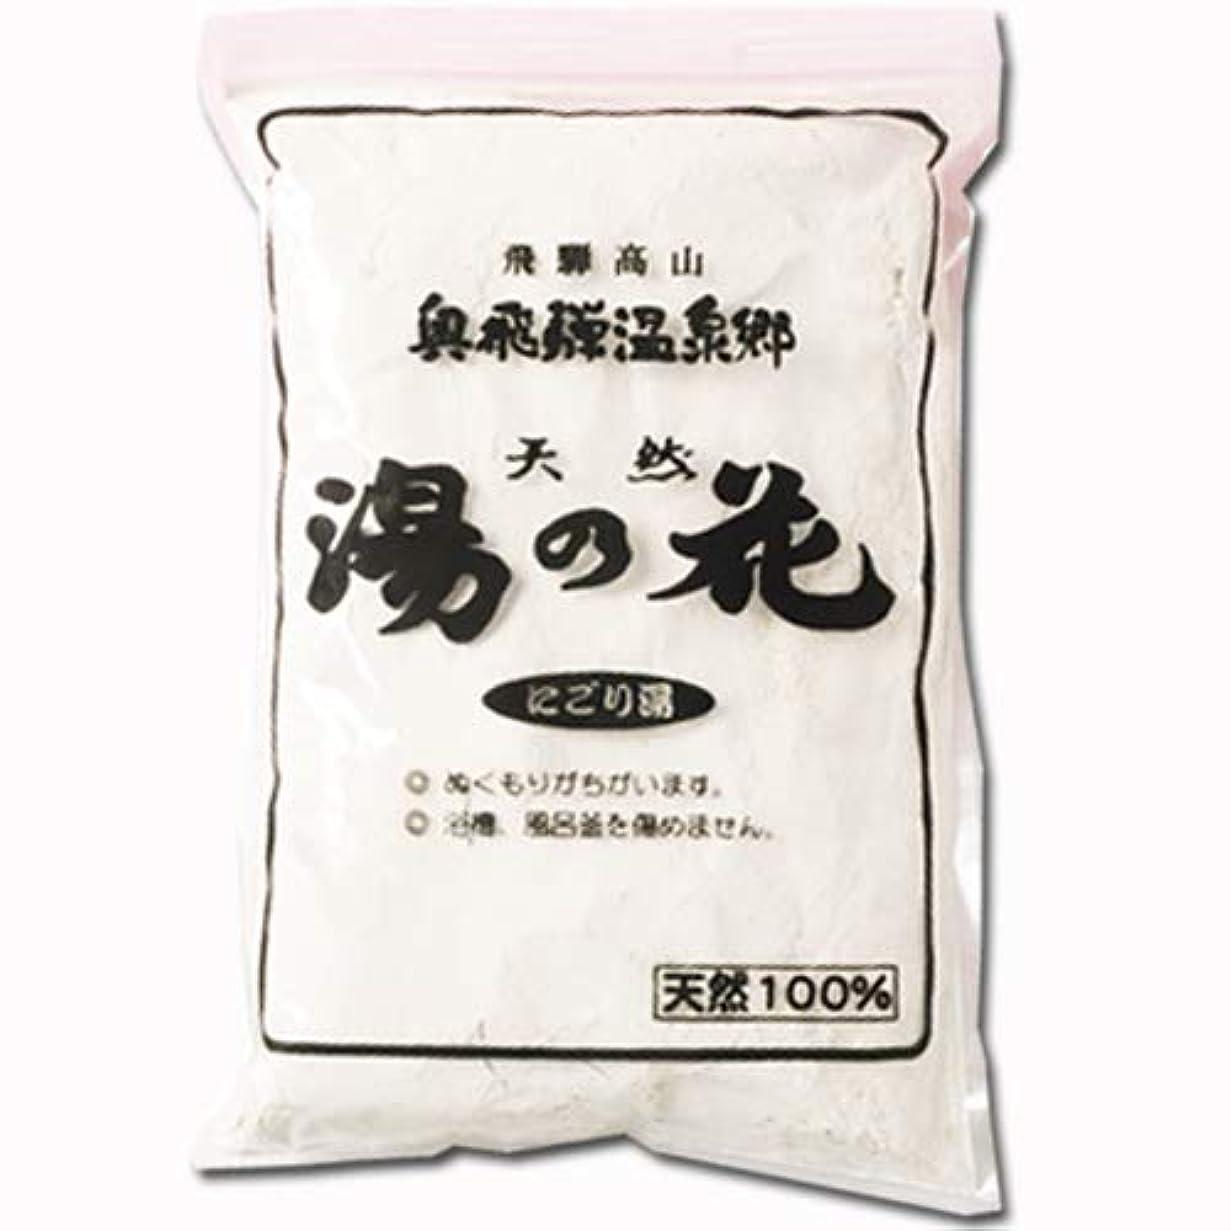 蜜スカウトアドバイス天然湯の花 (業務用) 1kg (飛騨高山温泉郷 にごり湯)